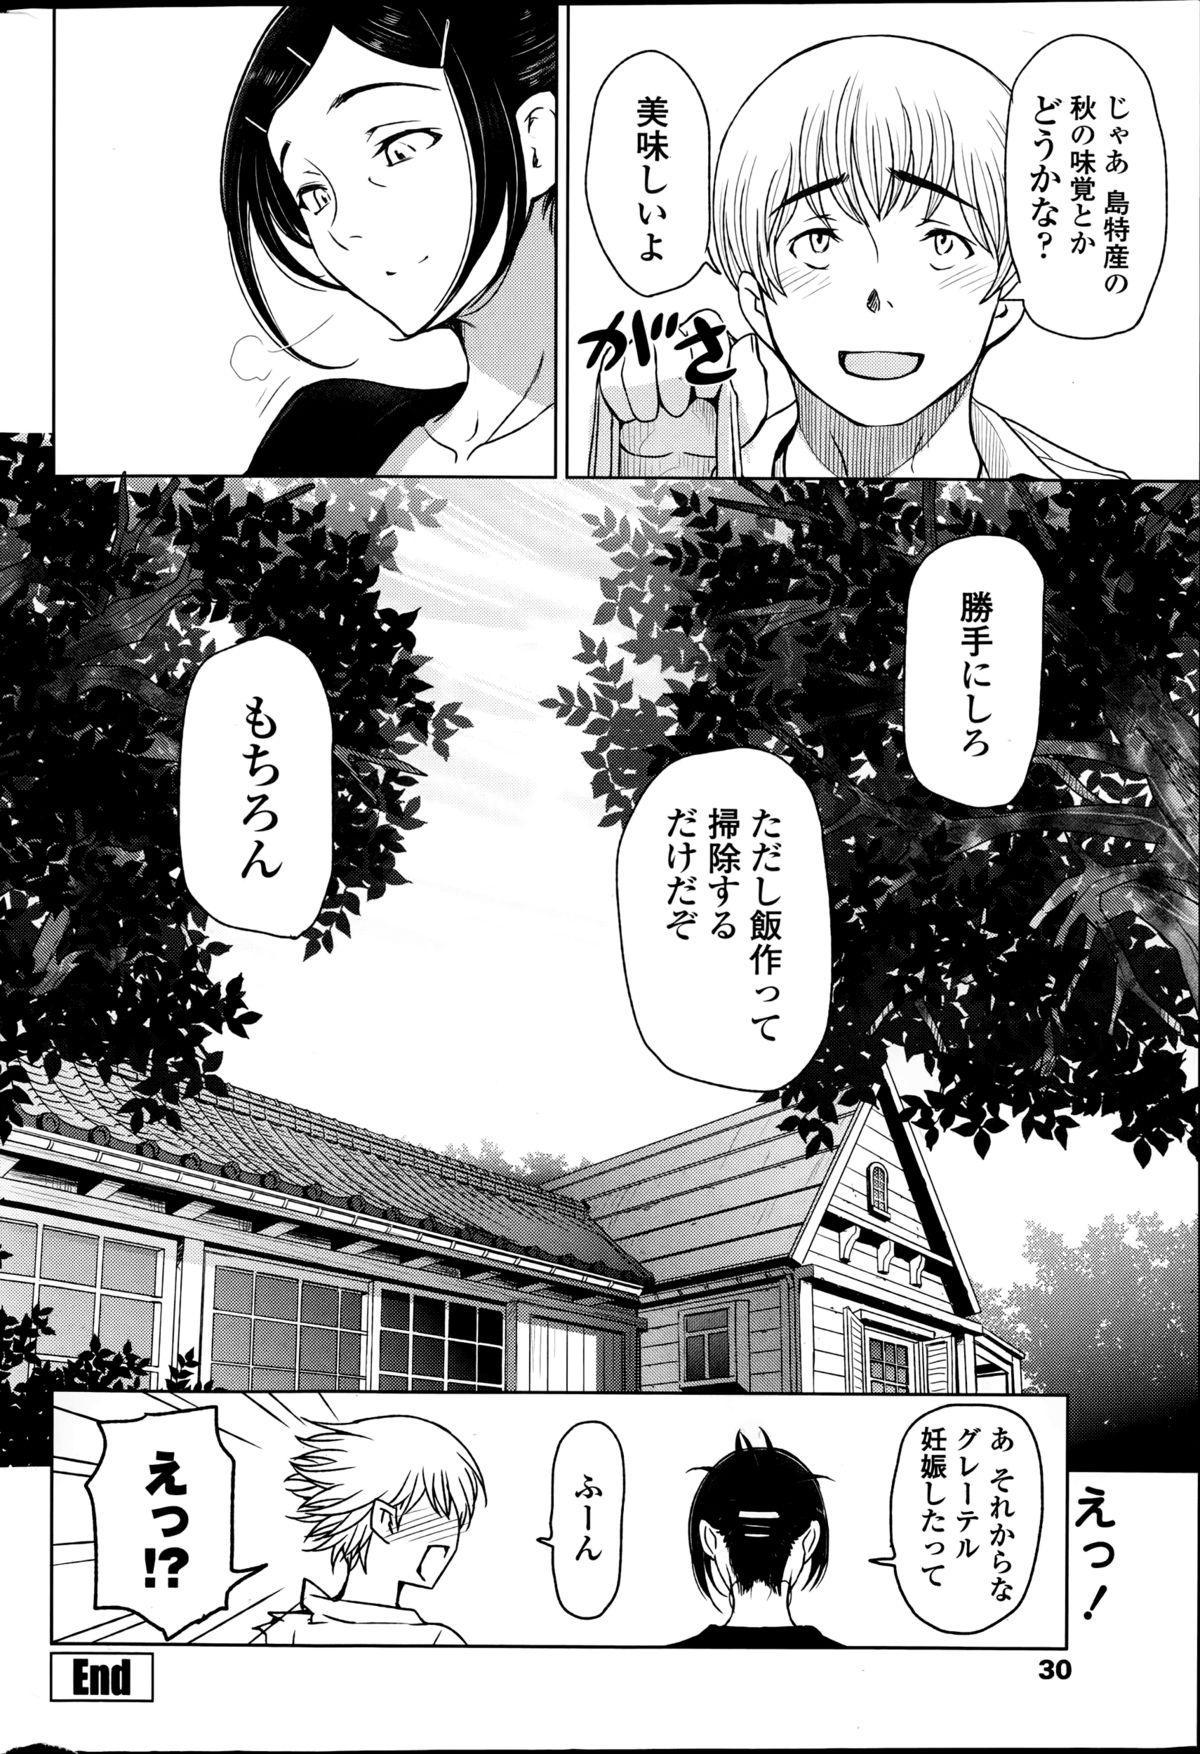 Natsu jiru + extra 121